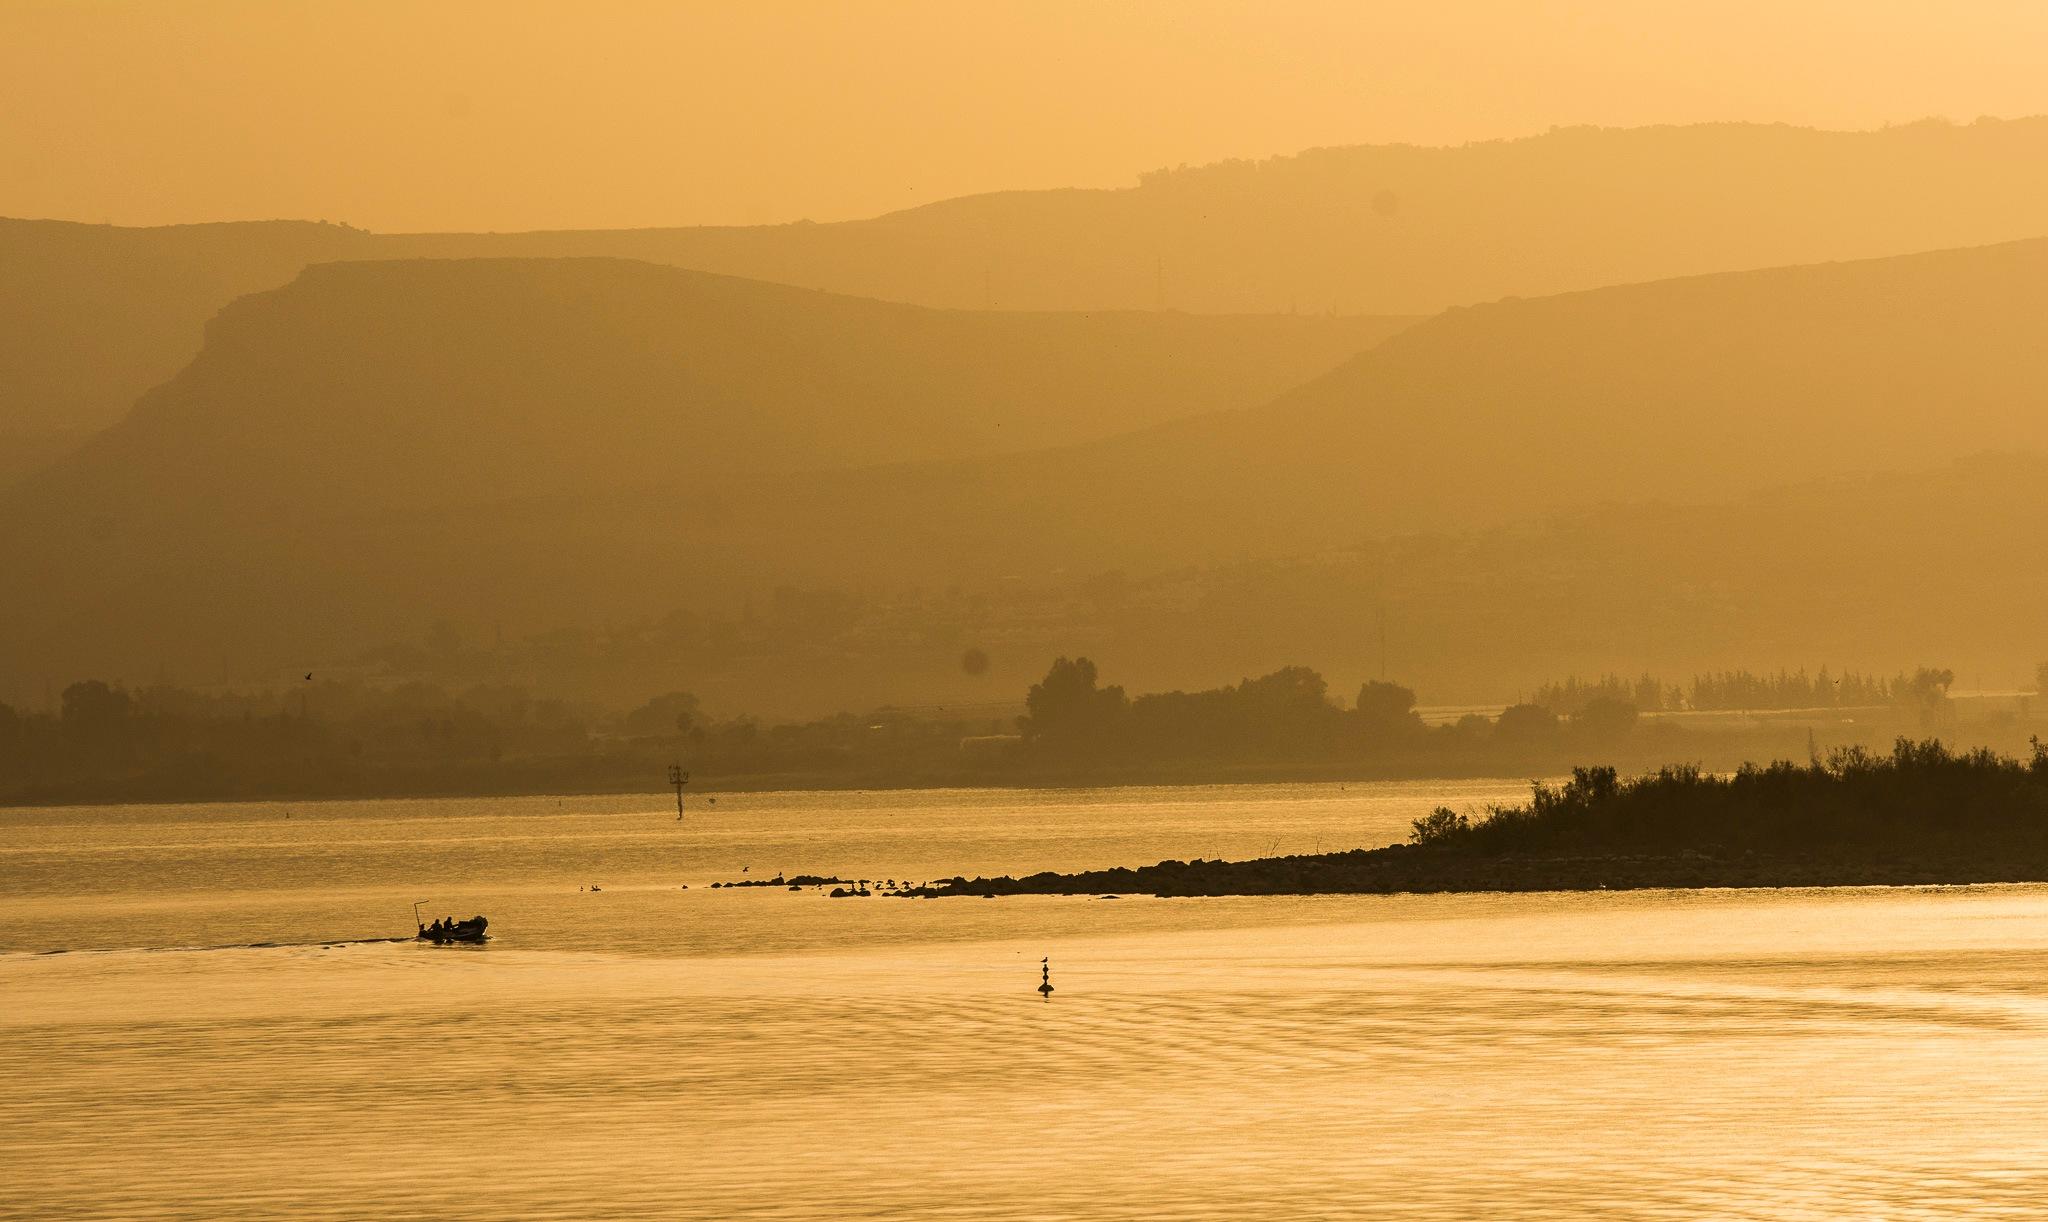 Sea of Galilee by oriel beery